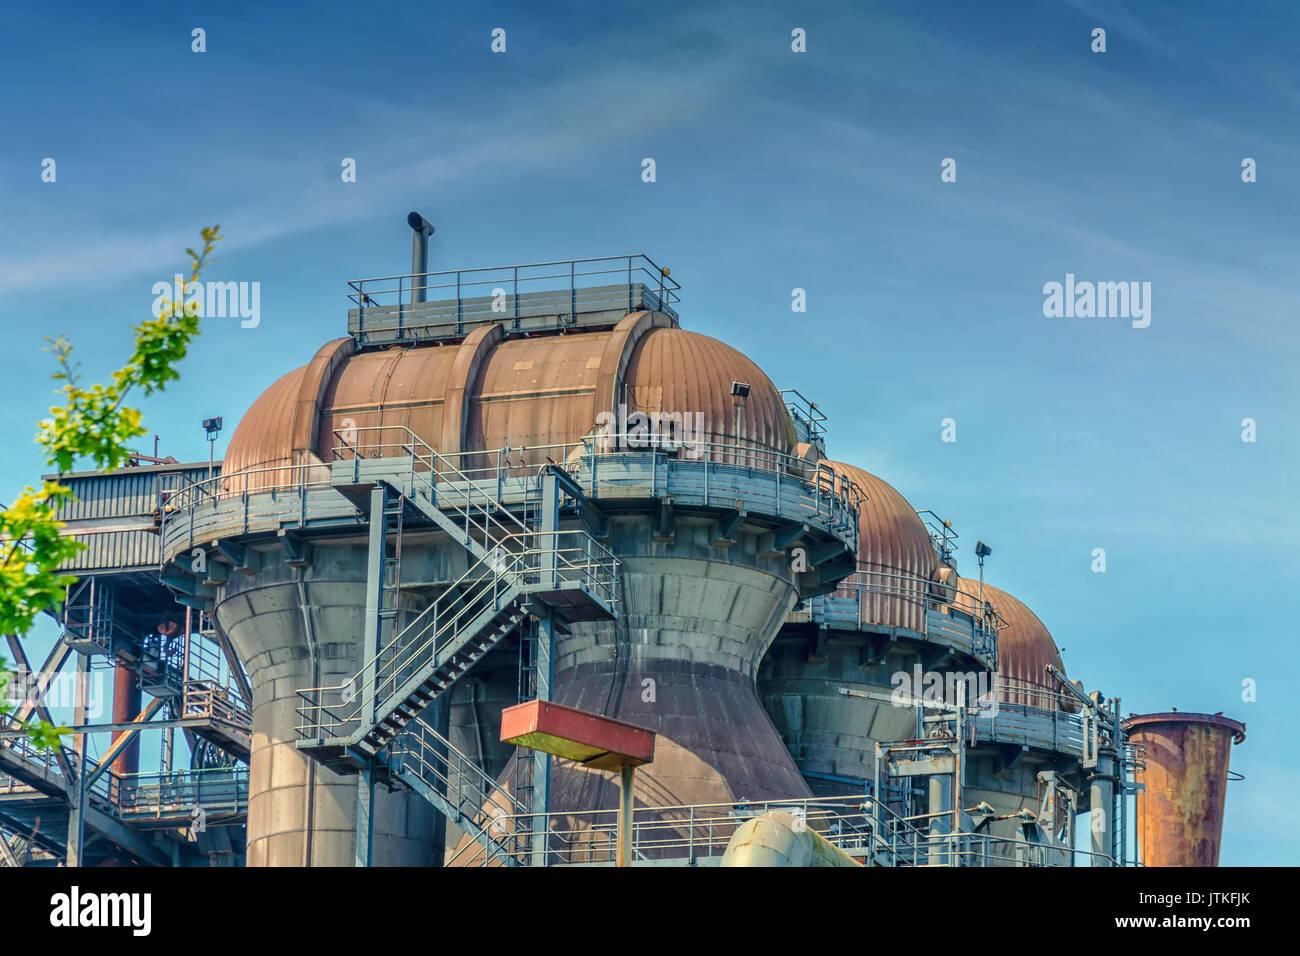 Vista general de una planta industrial refinería, formados por tubos y torres de la industria pesada. Foto de stock